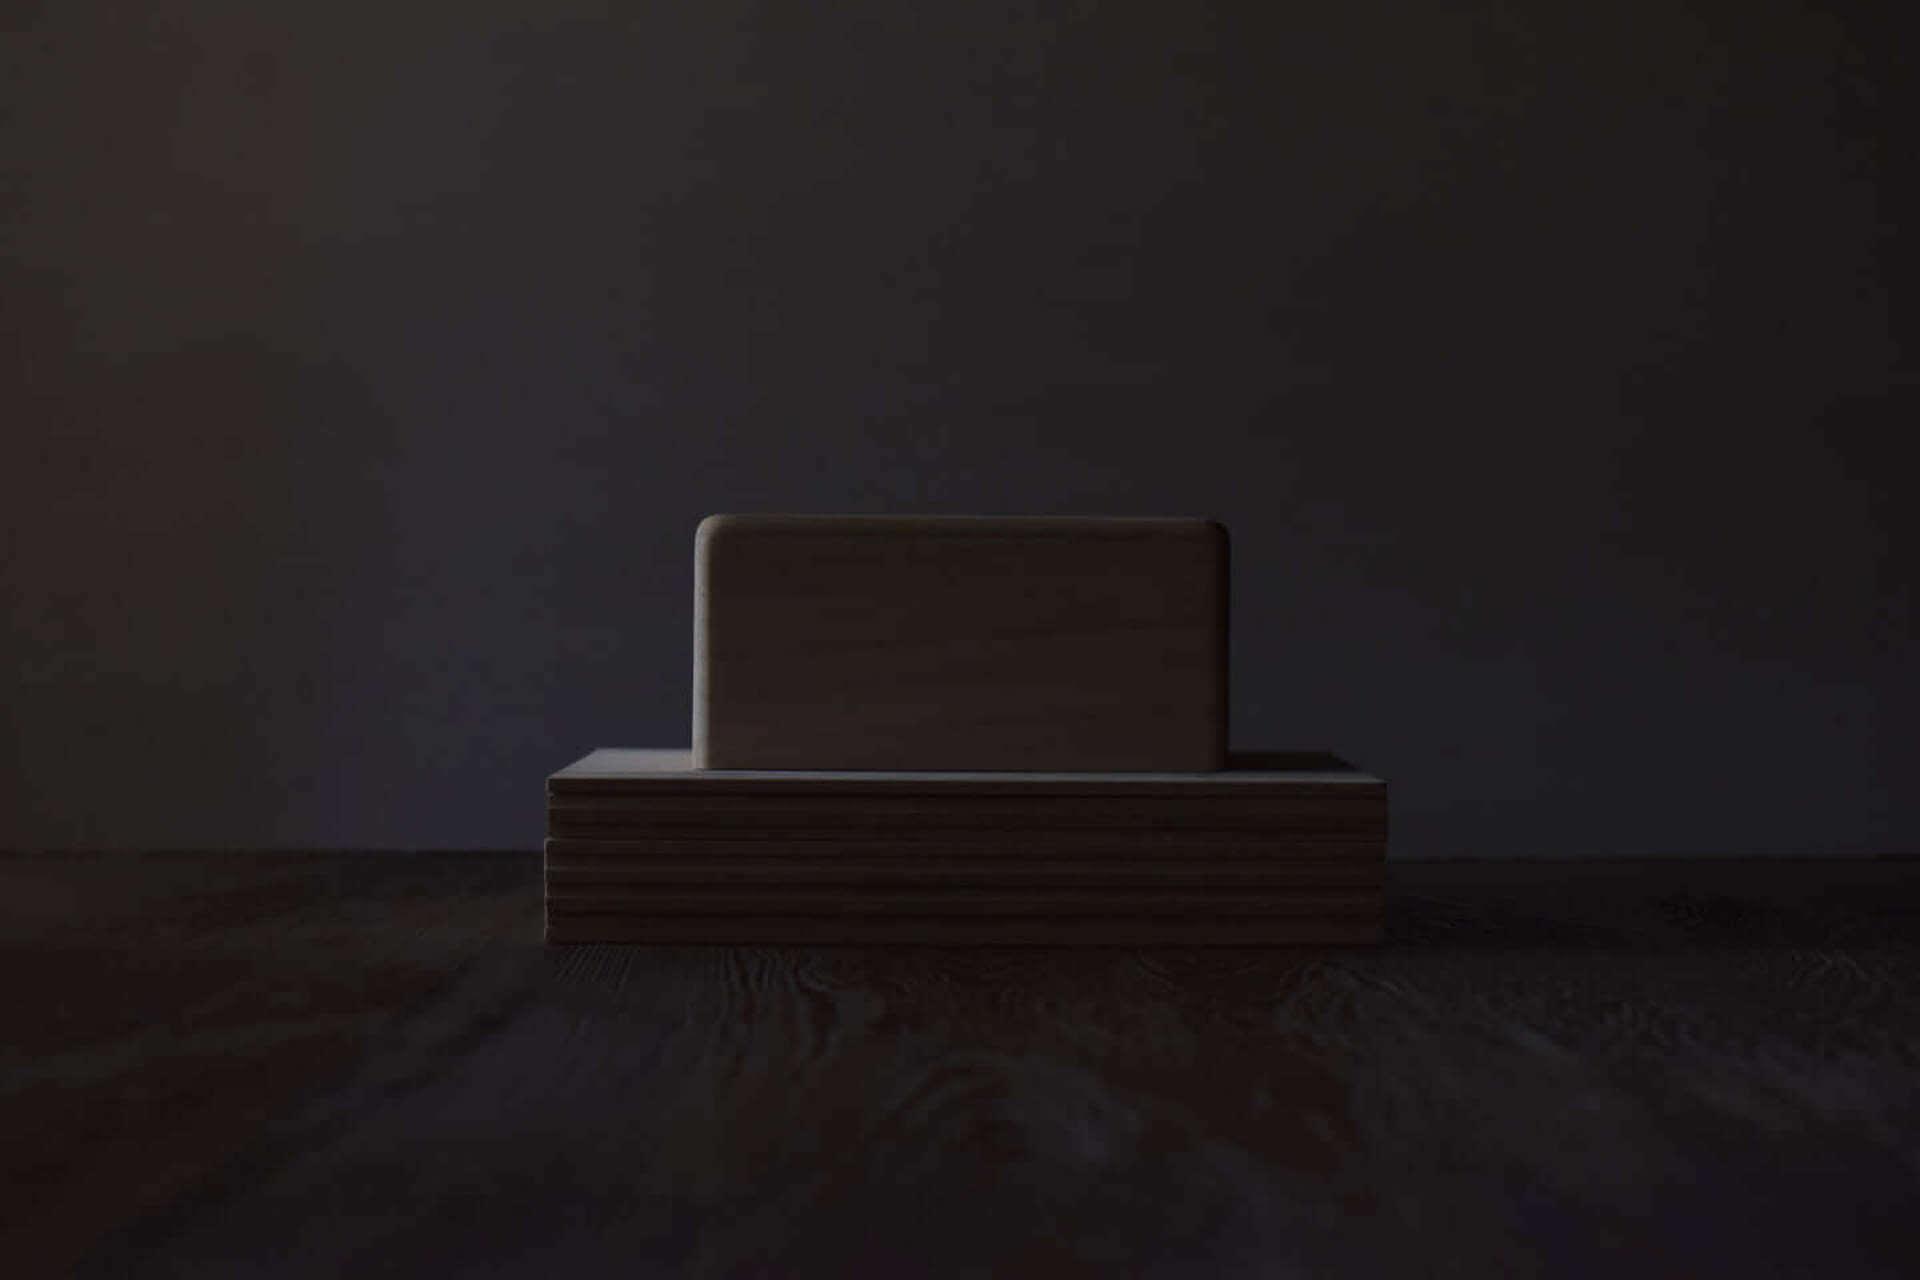 坂本龍一『2020S』の制作過程を追う連載「BEHIND THE SCENE」が更新!新曲制作に向けた絵付けの様子も公開 music201127_ryuichisakamoto_3-1920x1280